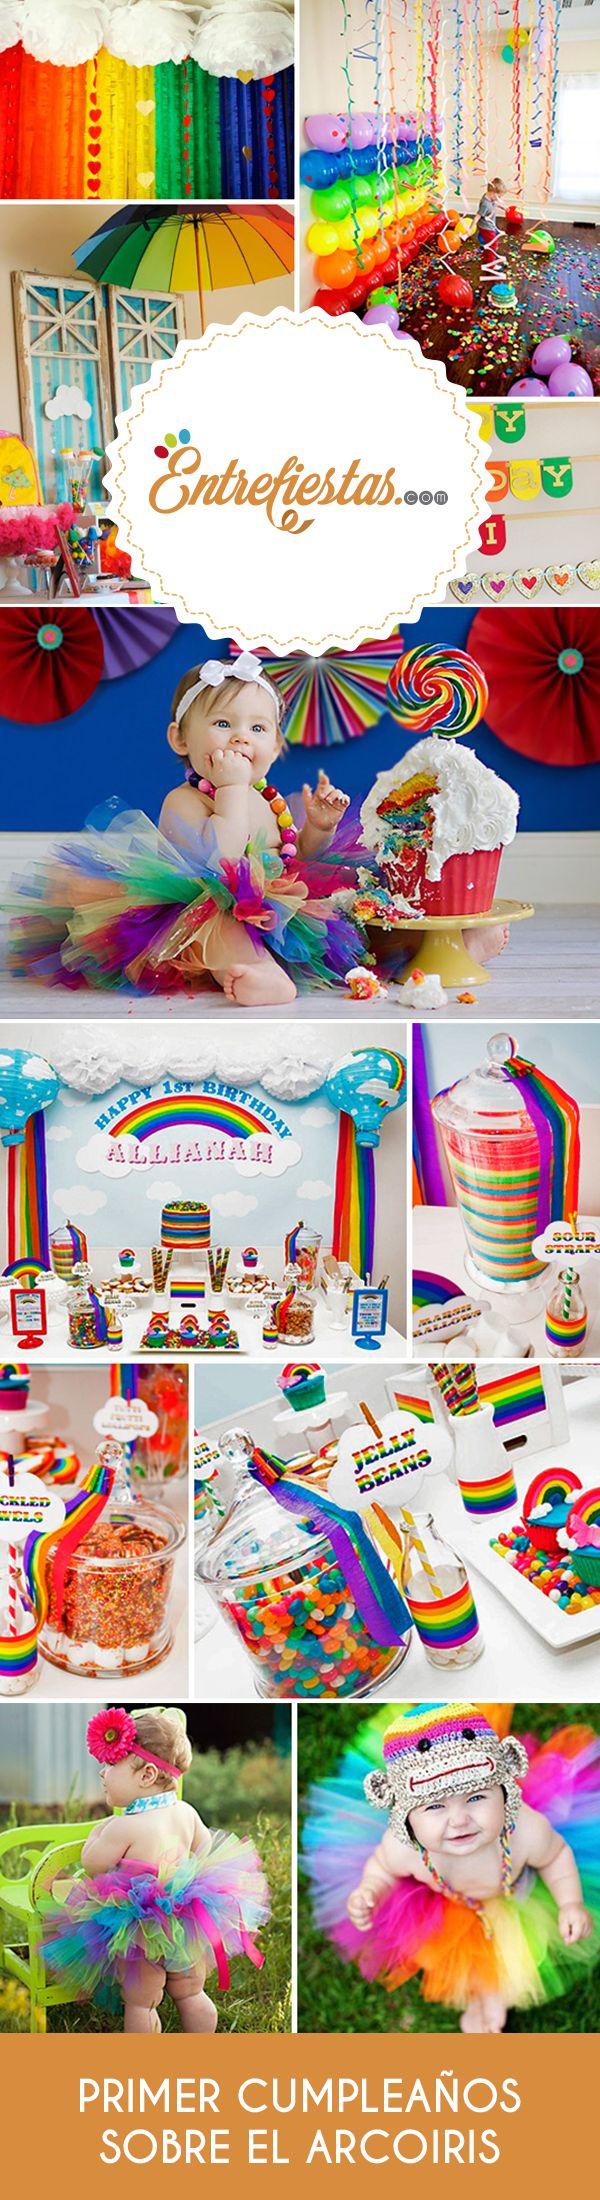 Planificar la primera fiesta de cumpleaños del bebé es todo un acontecimiento familiar por lo que las madres se las ingenian para recrear ideas novedosas y divertidas que sorprendan a los invitados. Una alternativa muy colorida y dulce para festejar se logra usando los colores del arco iris o Rainbow. Sin duda que será una propuesta muy alegre que va dejar a todos con la boca abierta.